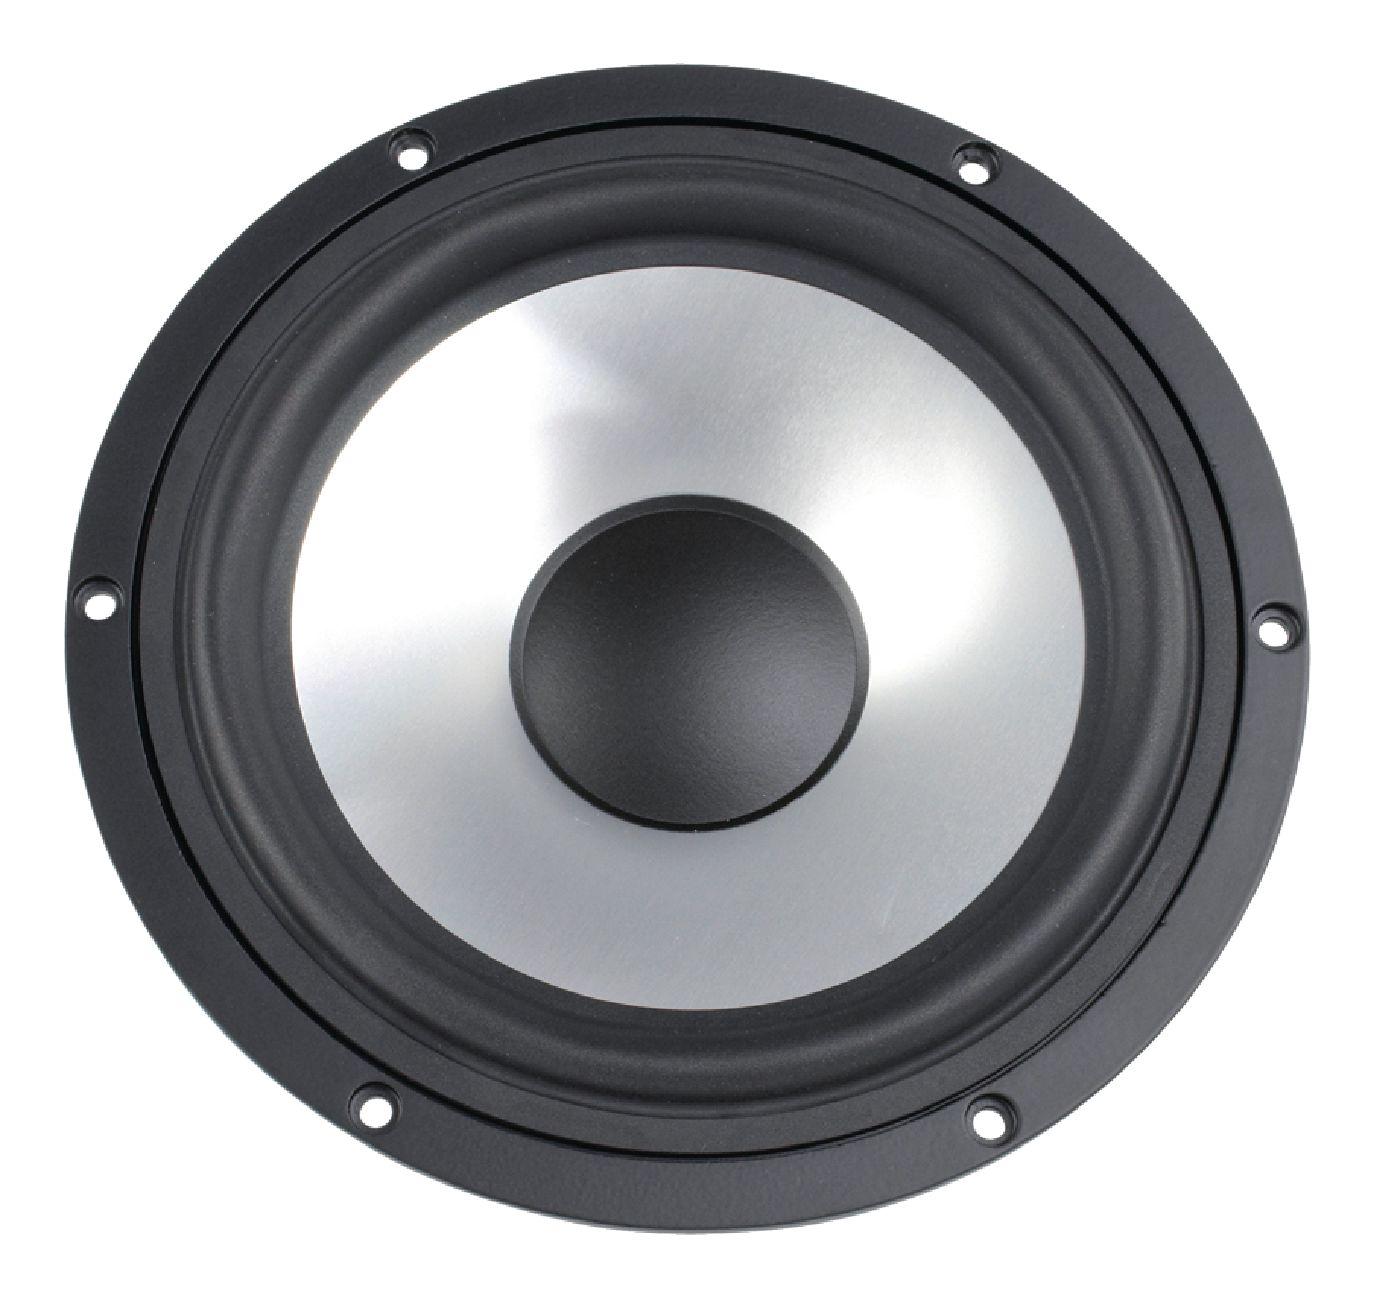 Basový reproduktor 8 Ohm 180 W Visaton, VS-AL200